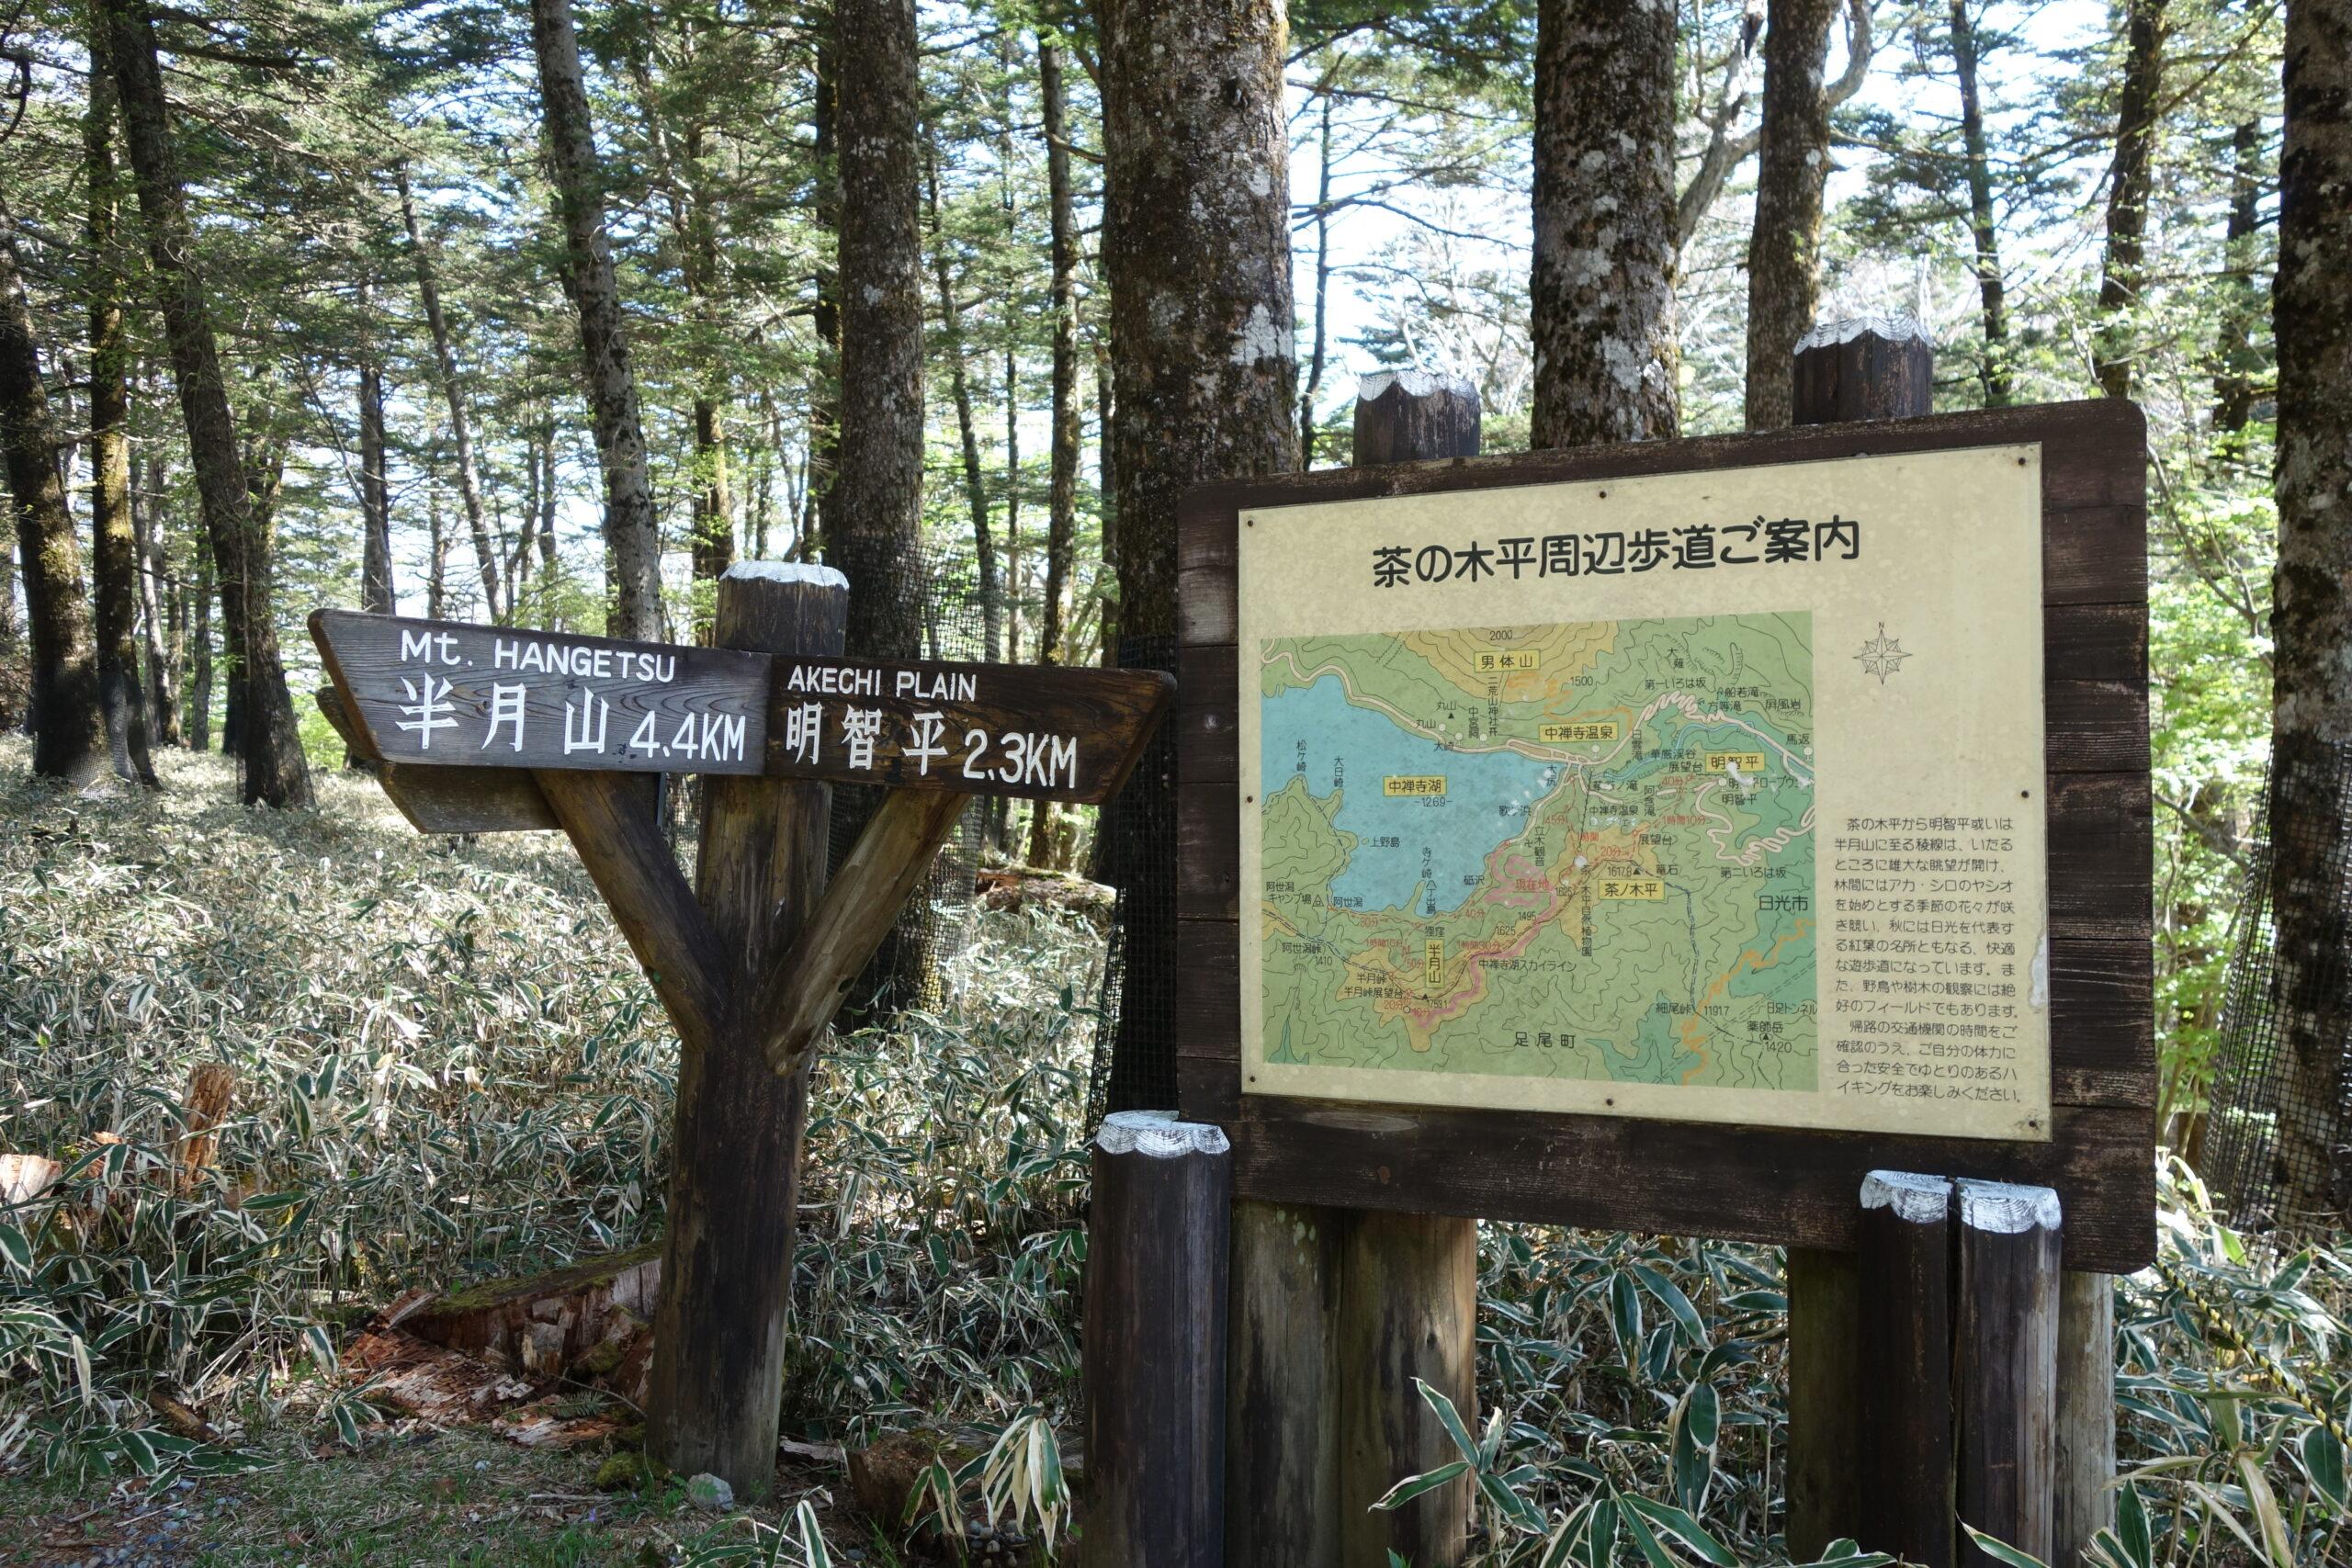 半月山 茶ノ木平〜半月山山頂